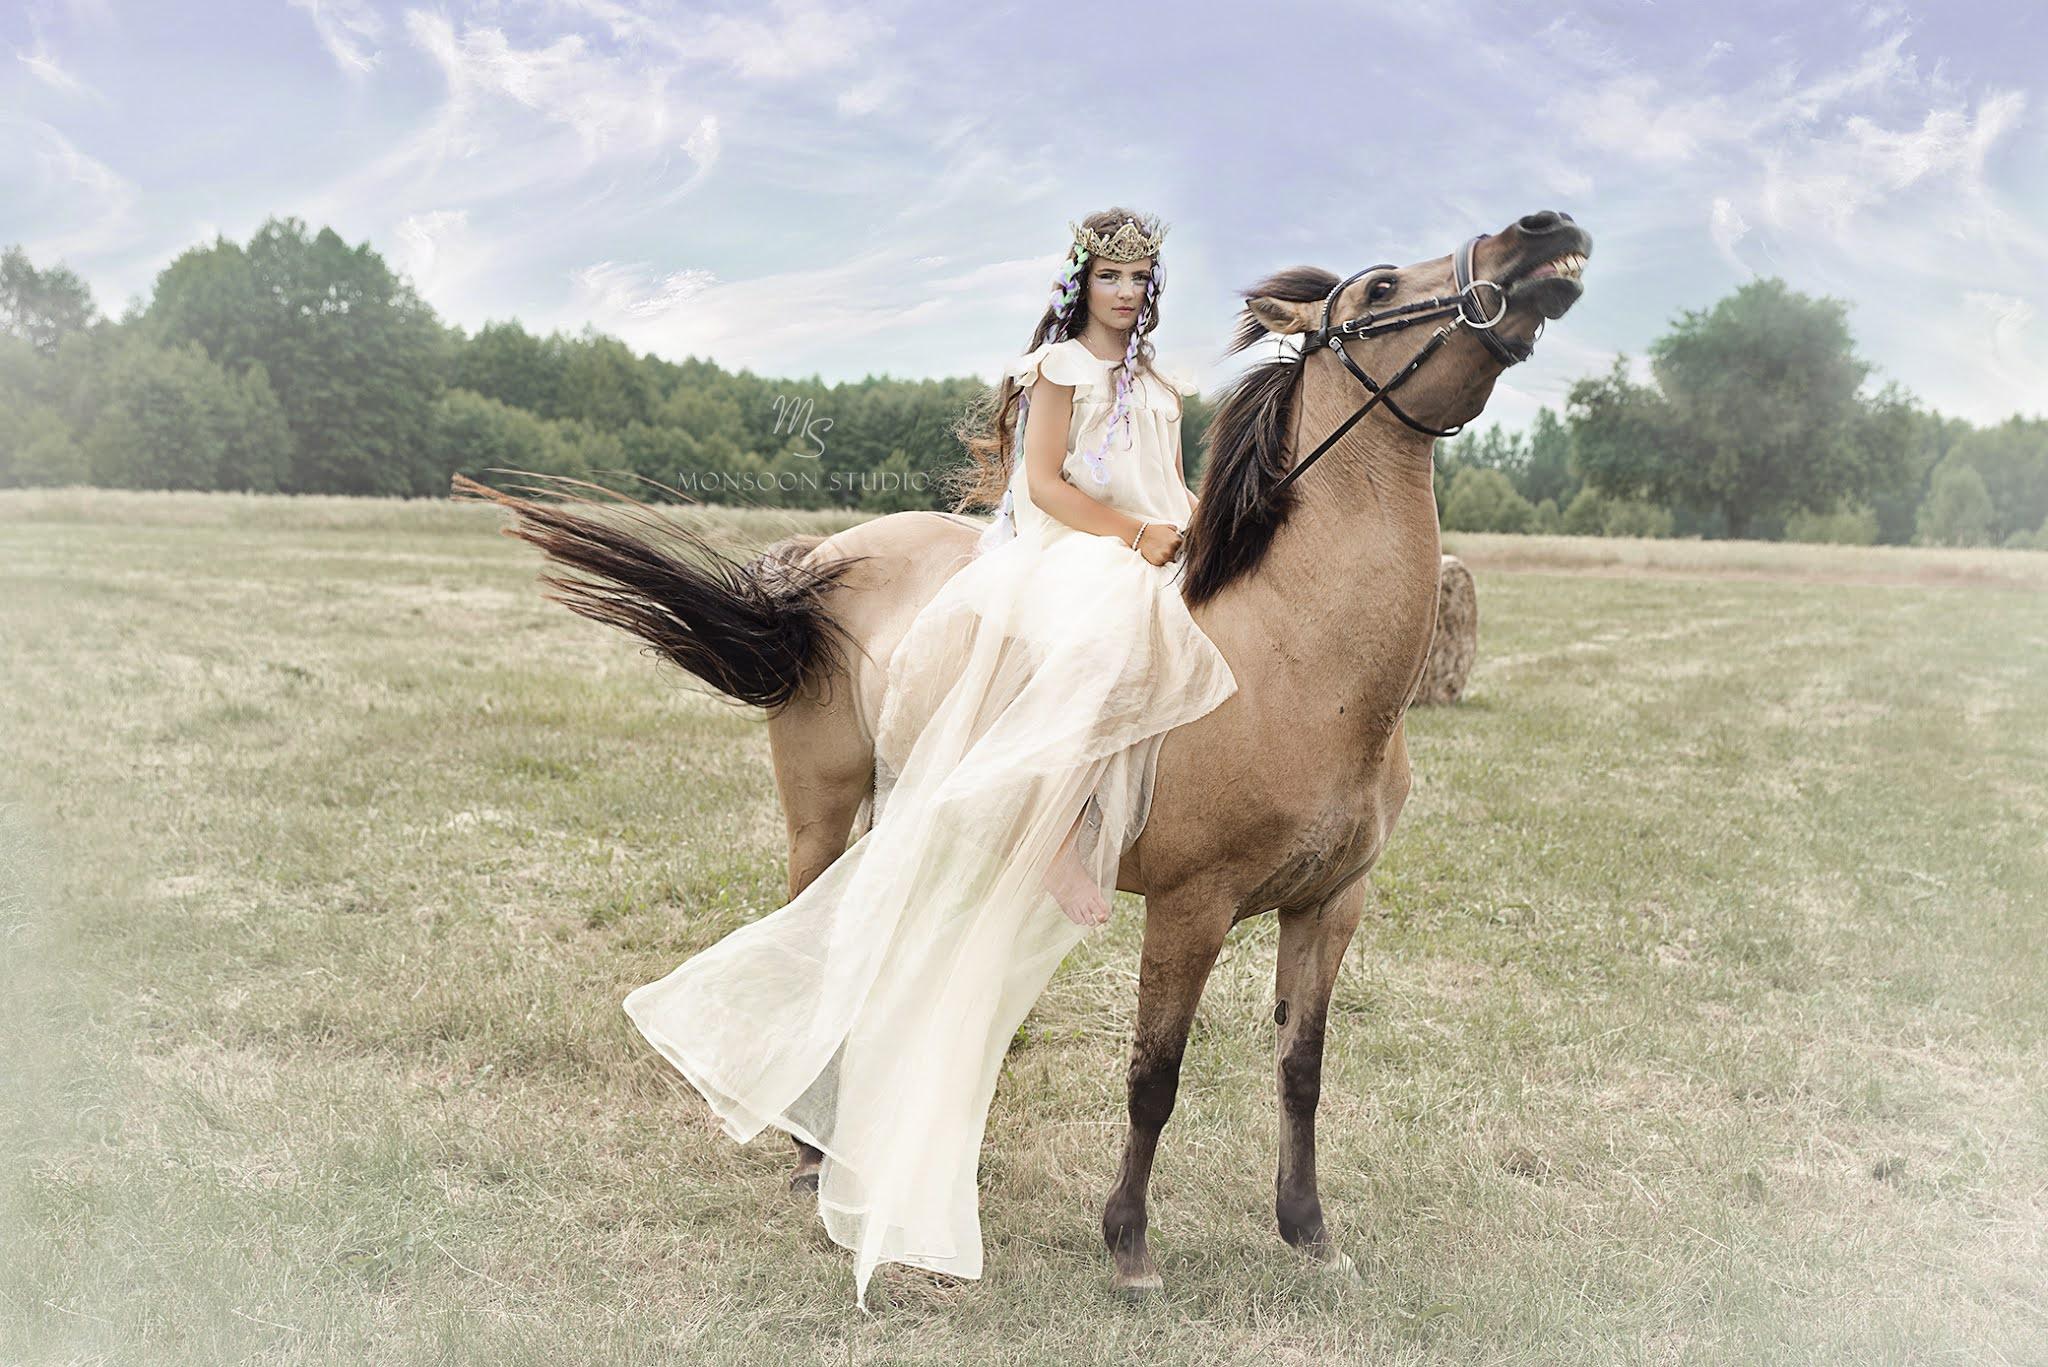 fotografia artystyczna, sesja z koniem, zdjęcia w stadninie, fotografia portretowa Warszawa